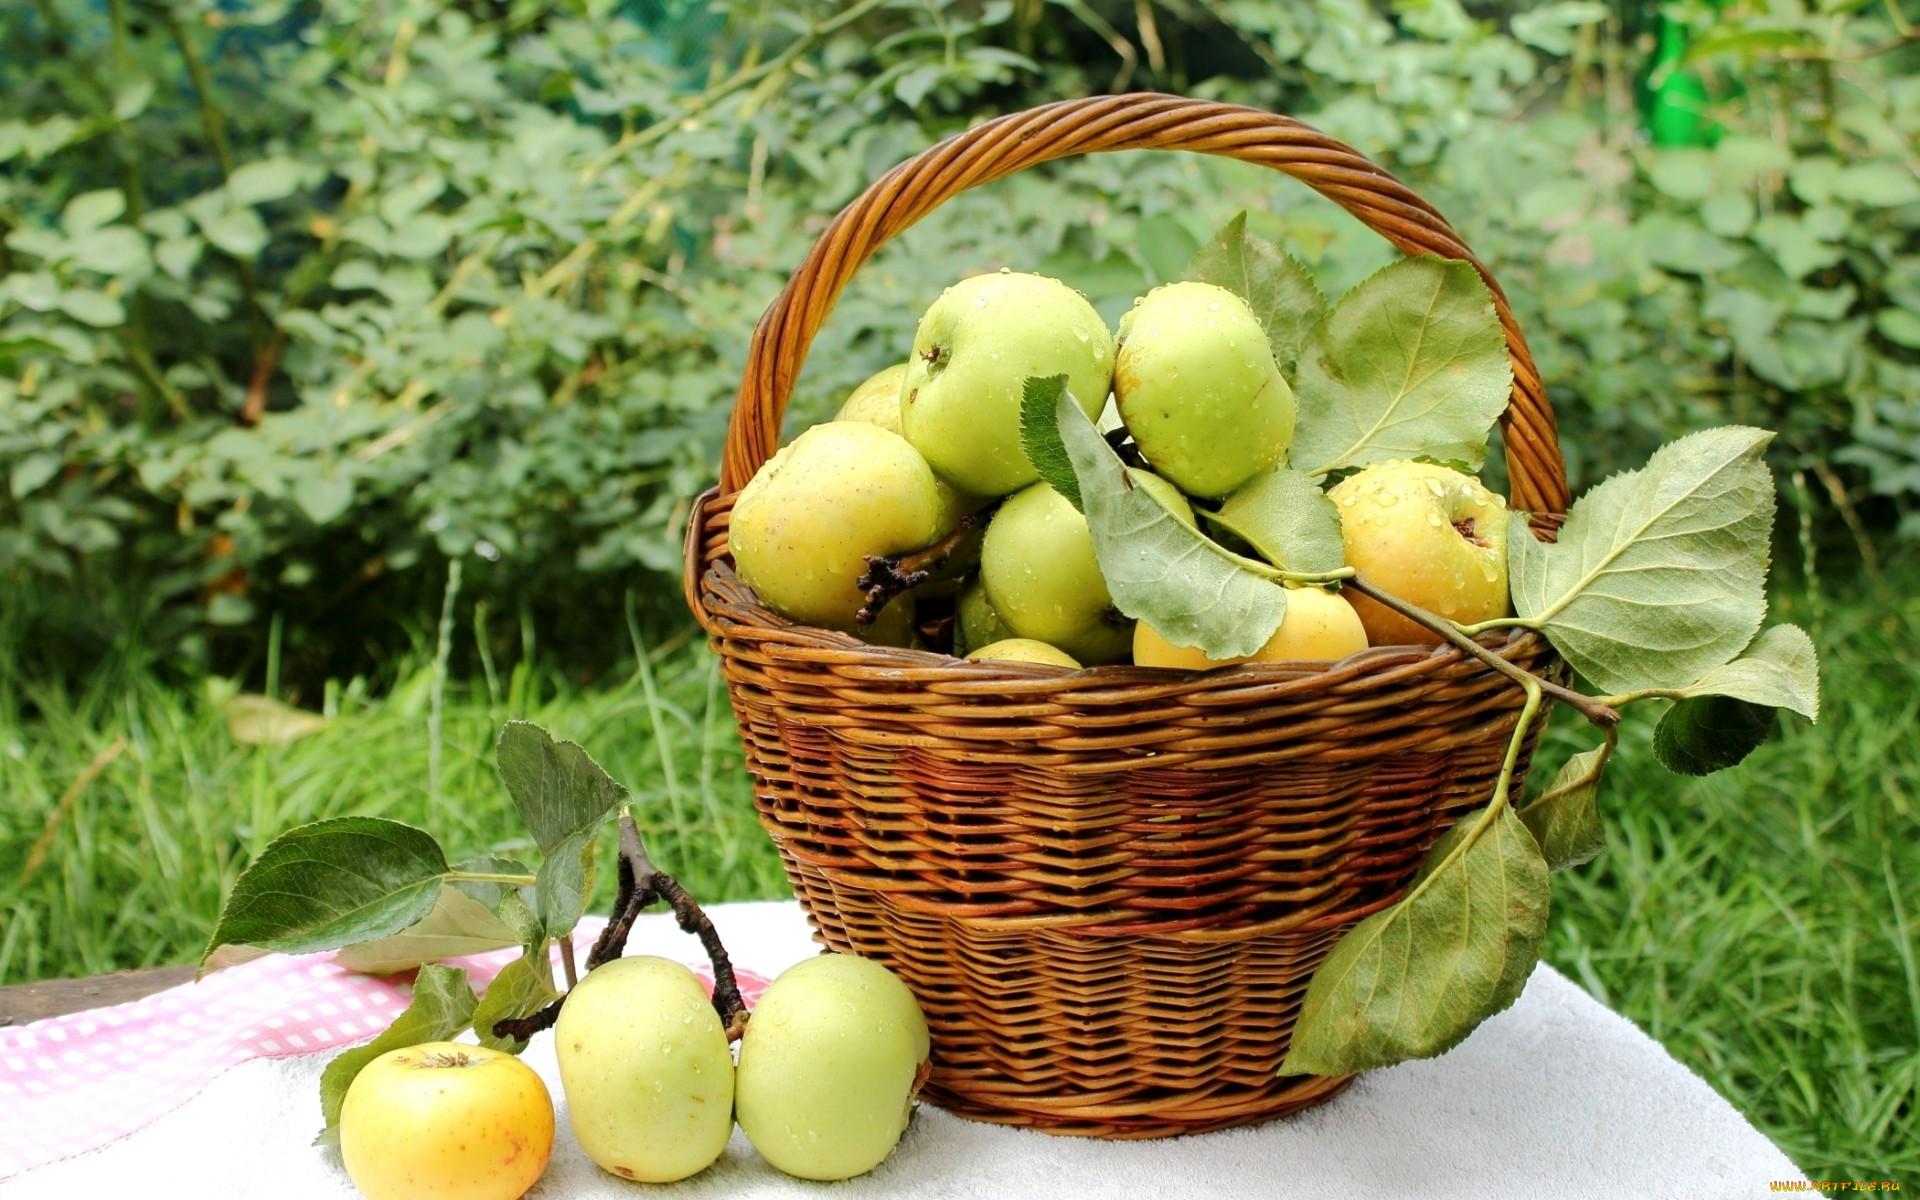 новички, задают яблоки в корзине осень фото рот теперь имеет